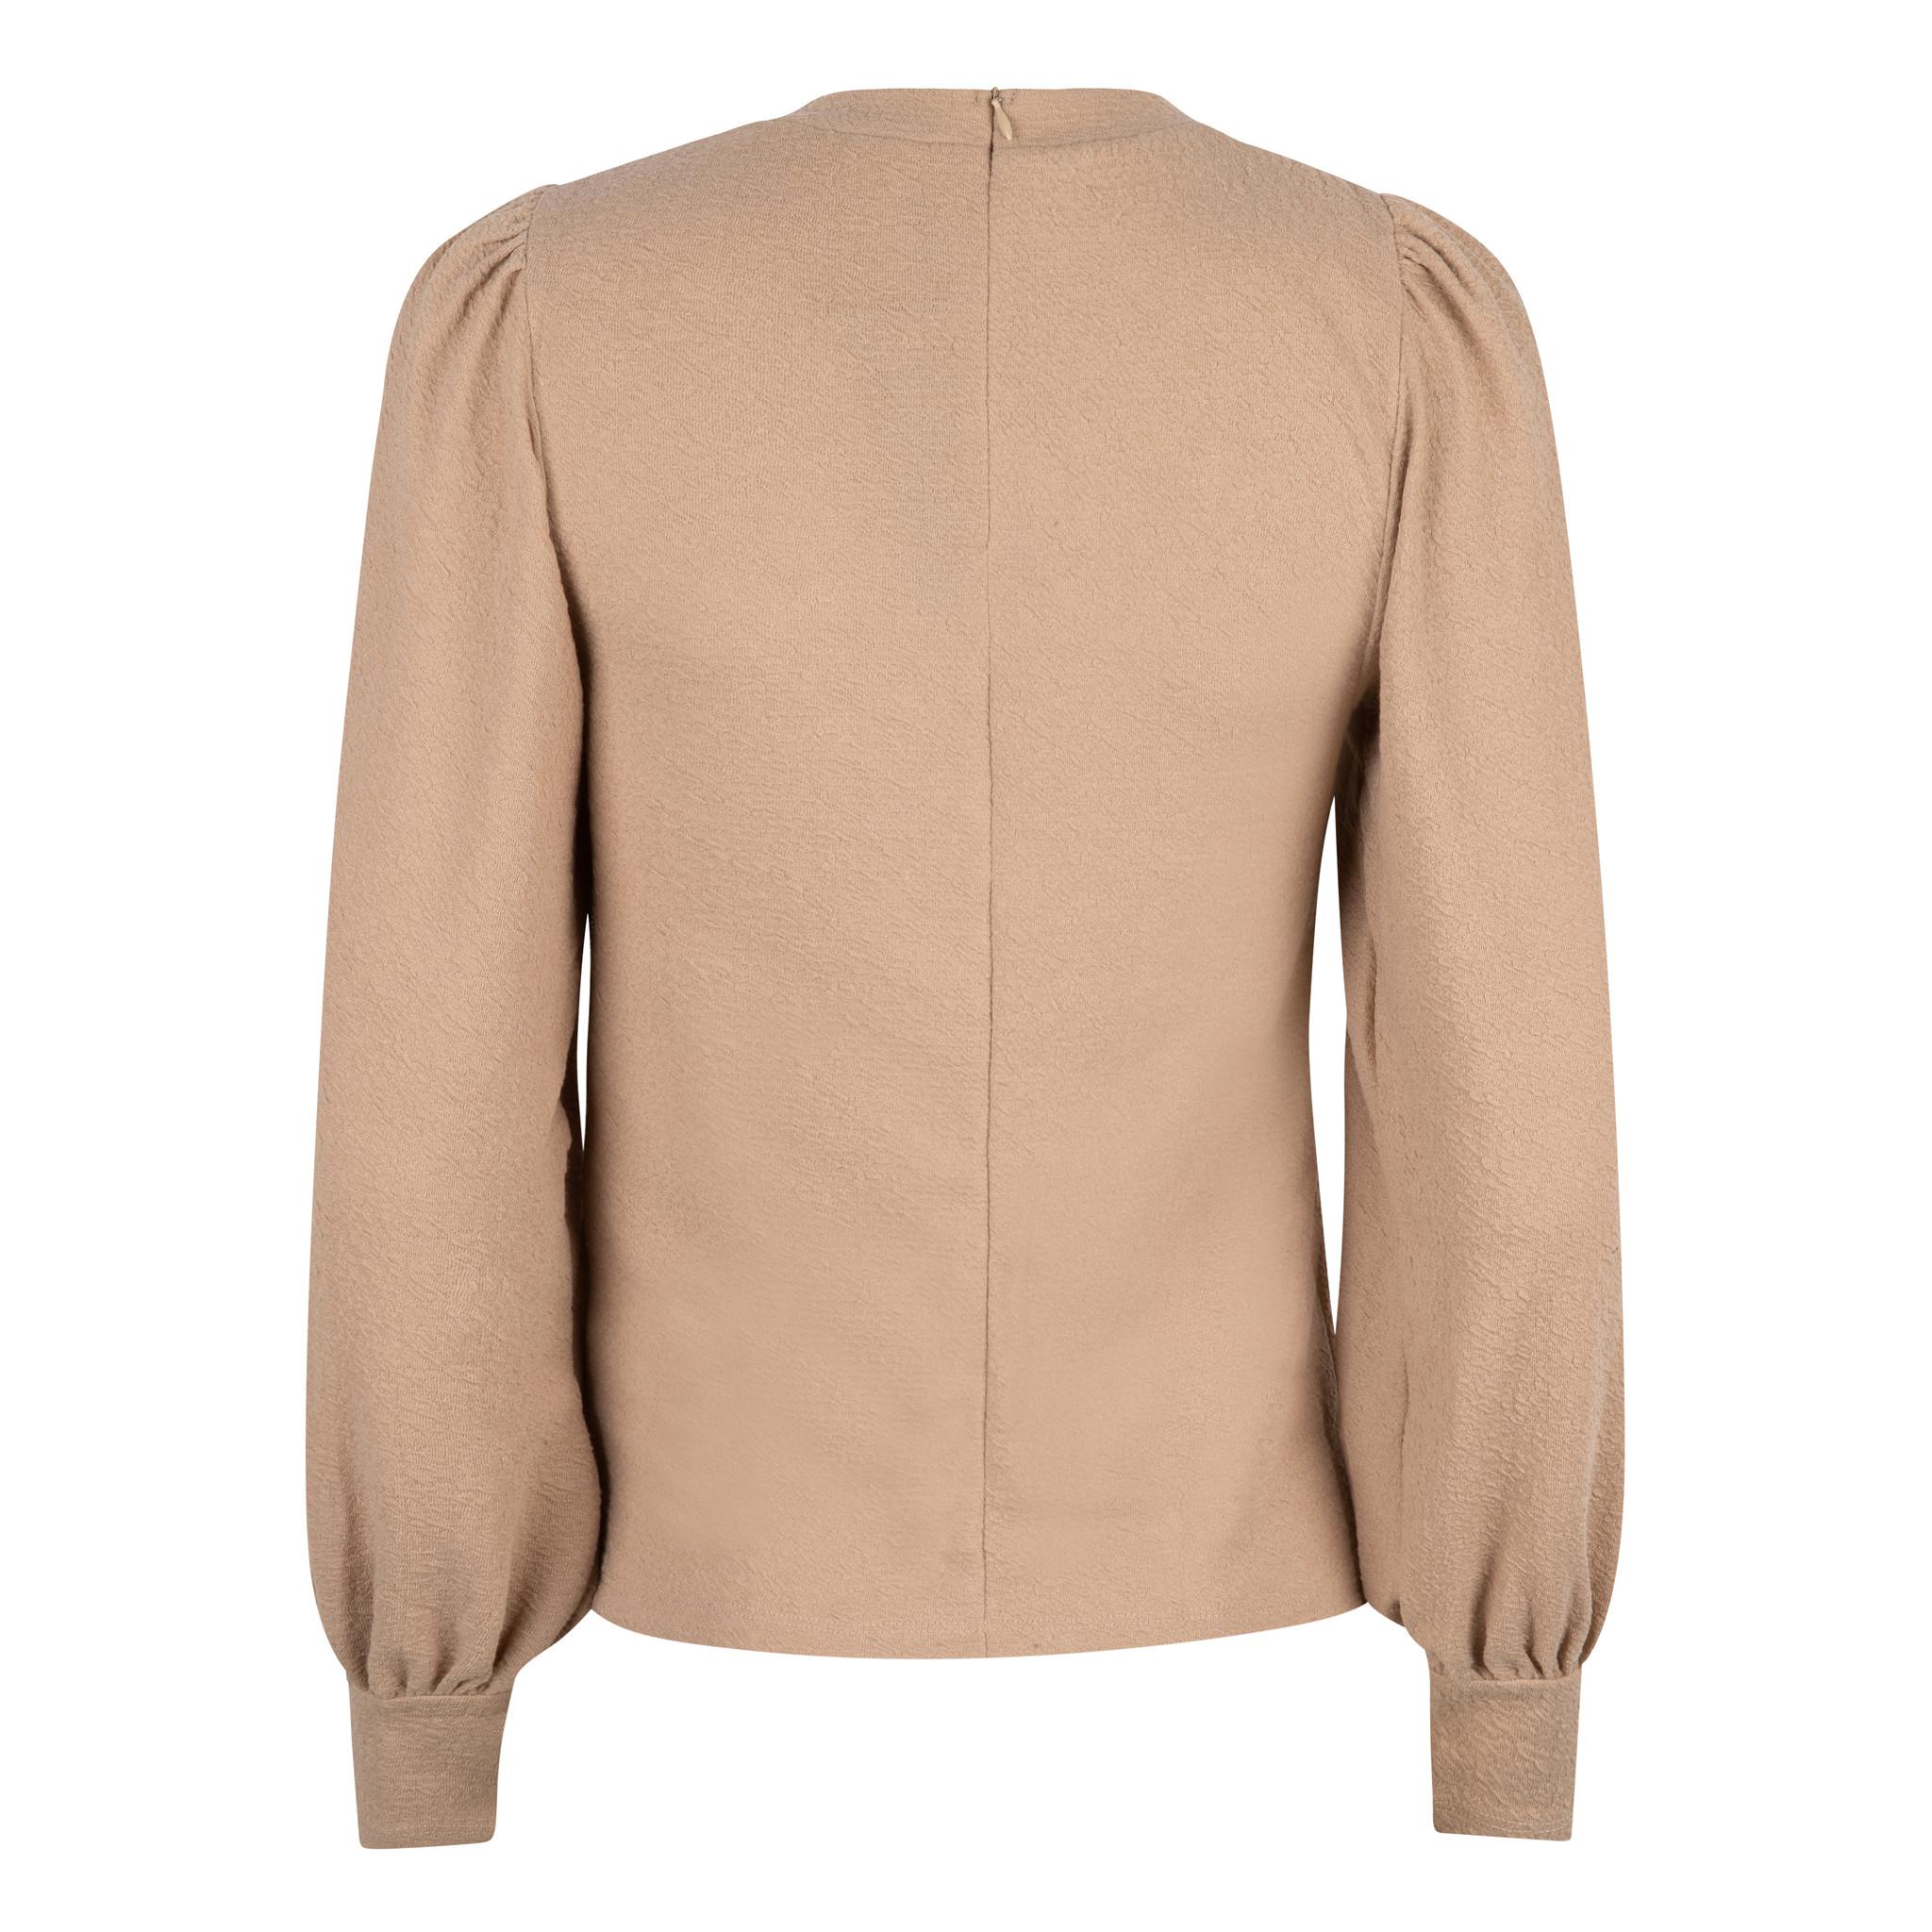 Lofty Manner Beige Sweater Fenna